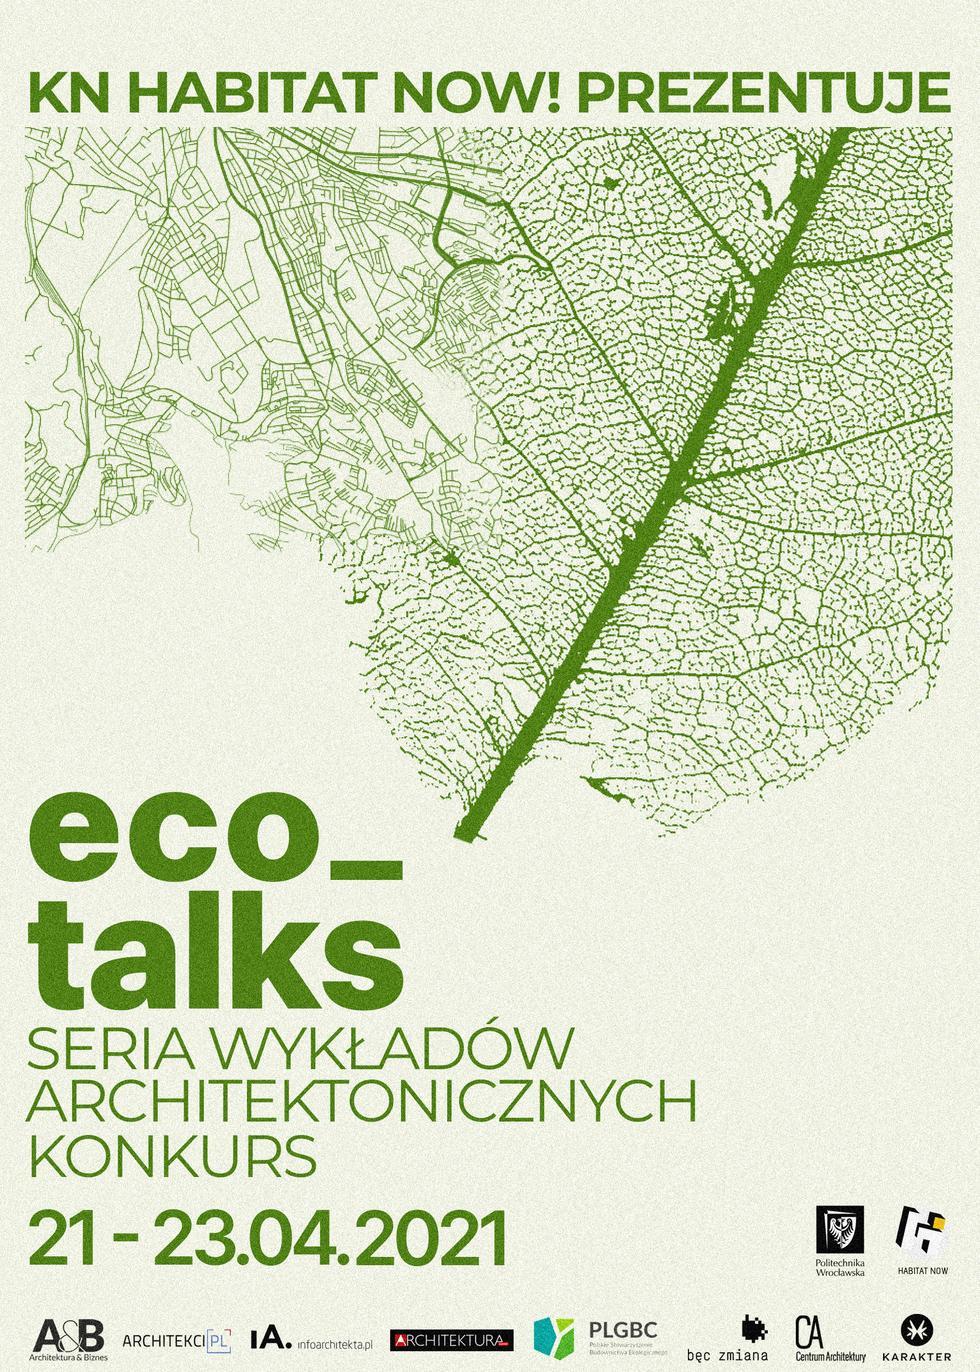 Eco_talks, wydarzenie online organizowane przez koło naukowe Habitat